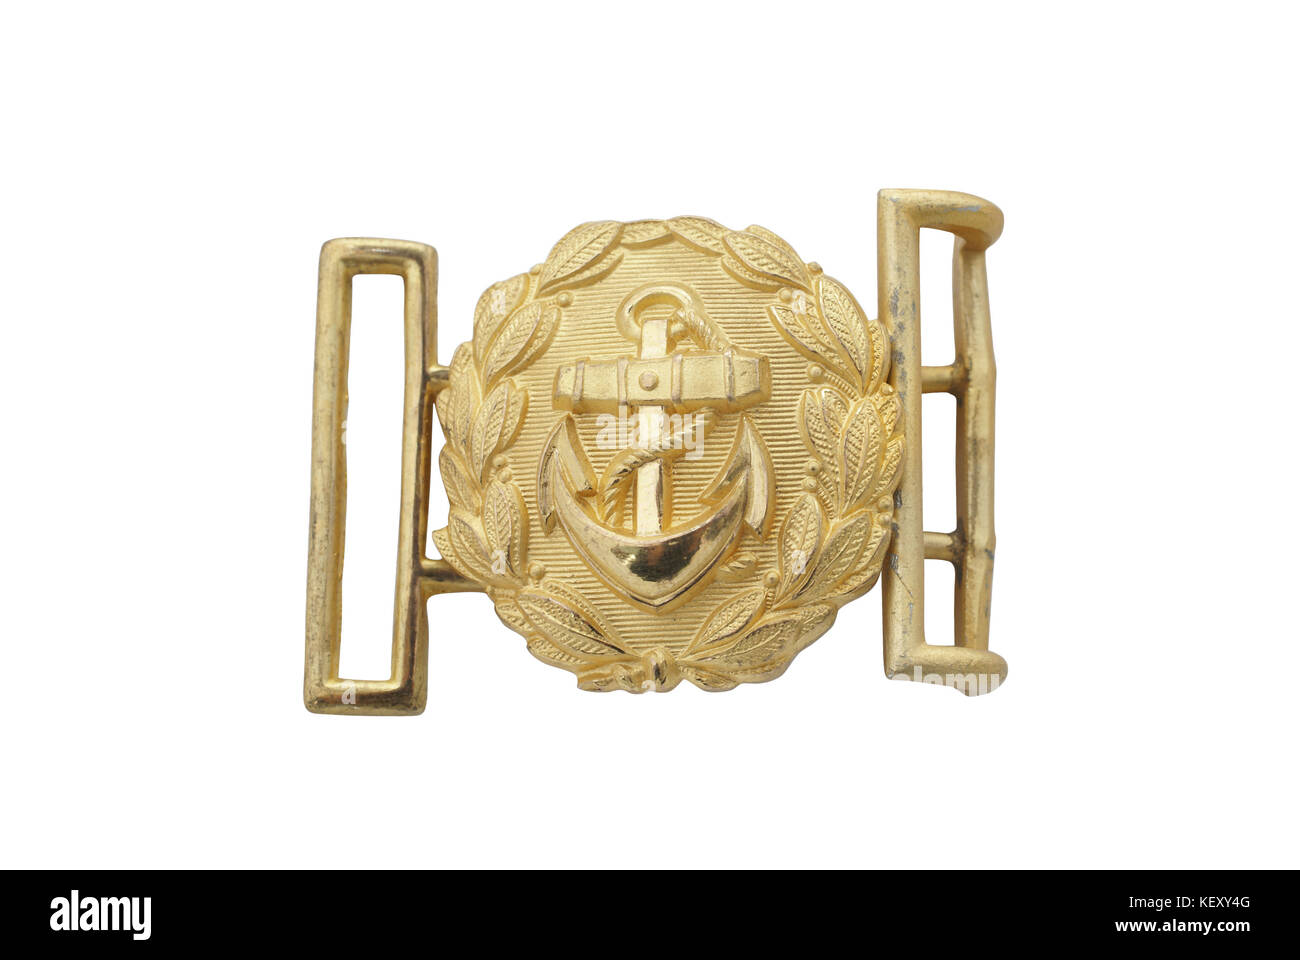 ddbc696407d8 L Allemagne à la seconde guerre mondiale. boucle de ceinture officier de la  marine allemande (Kriegsmarine). laiton avec dorure. paht sur fond blanc ...